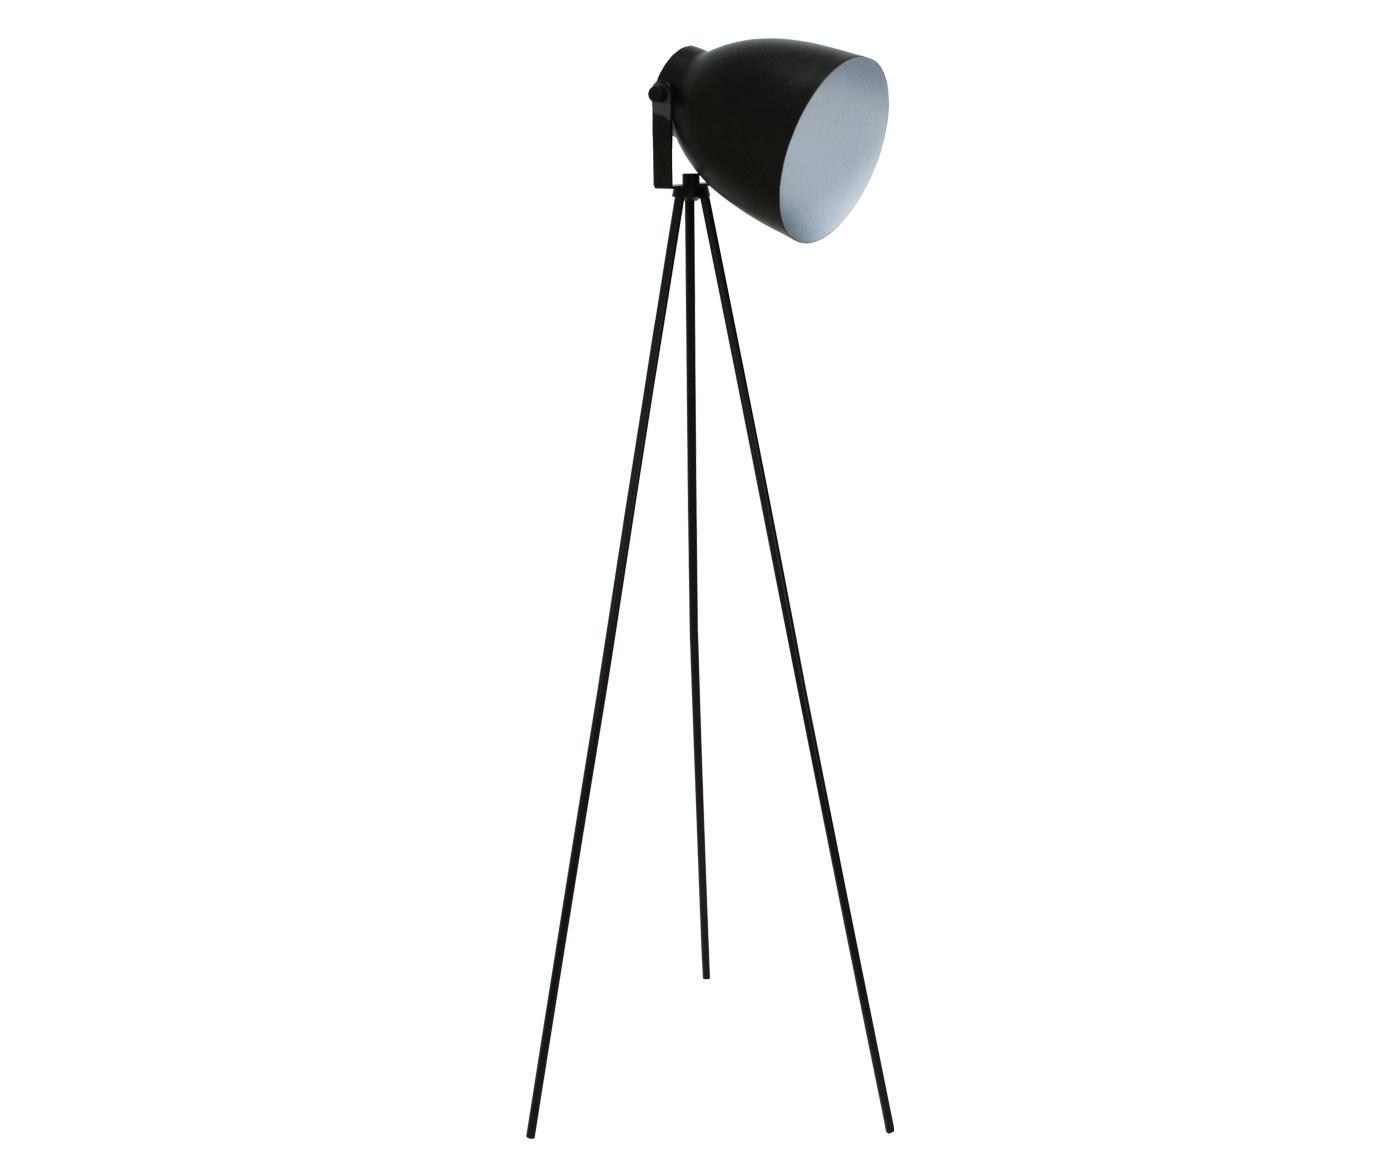 Industriële leeslamp Studio in zwart, Staal, Mat zwart, 58 x 130 cm